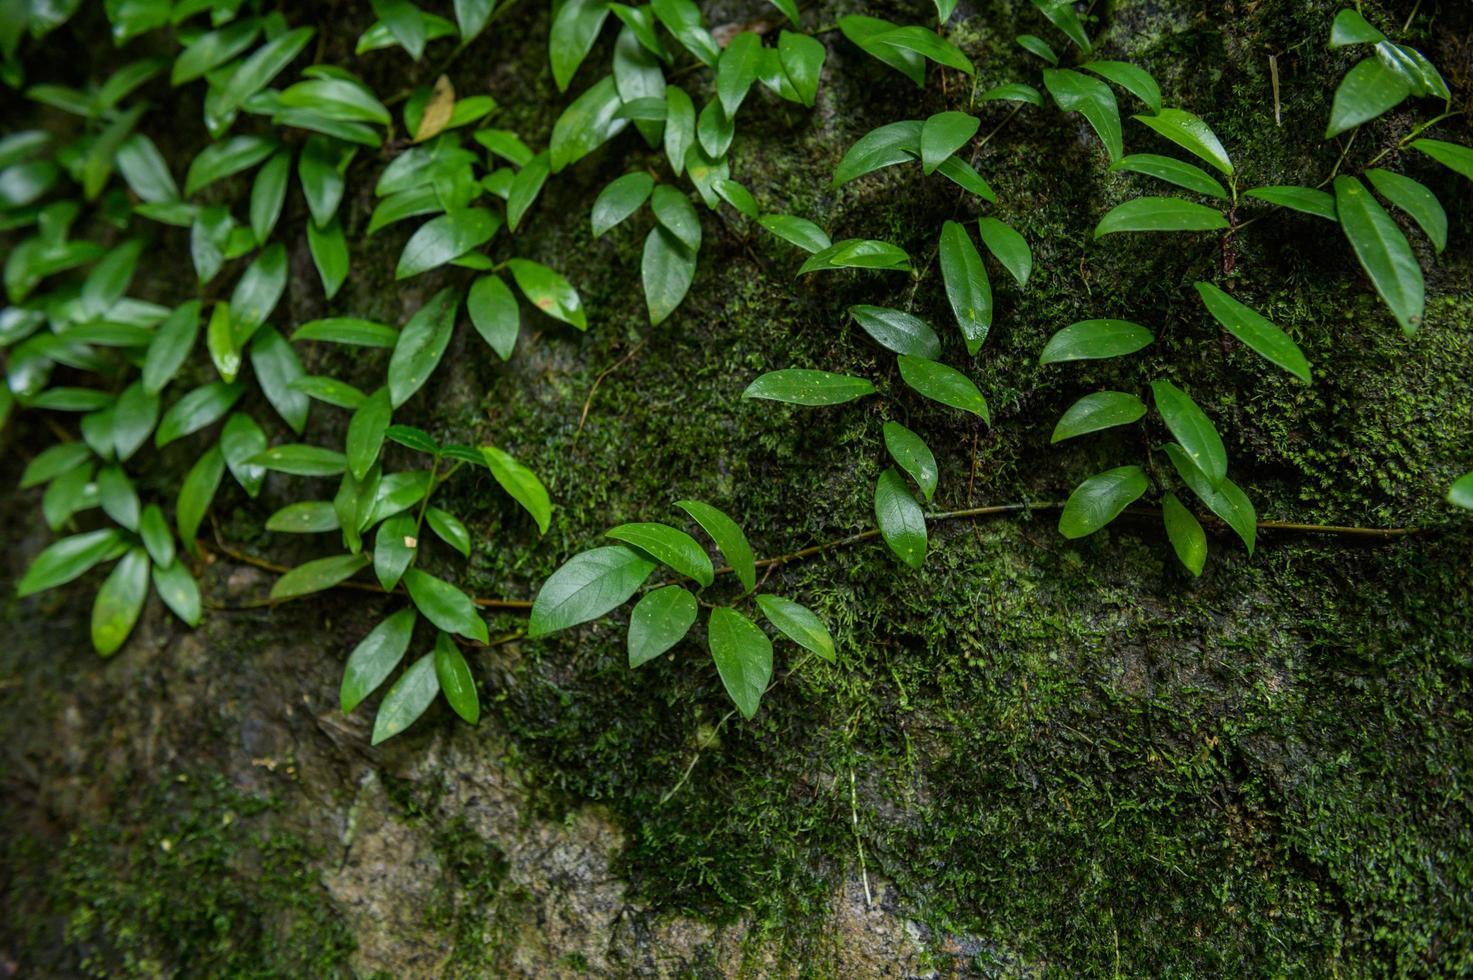 piccoli alberi verdi che ricoprono il terreno foto